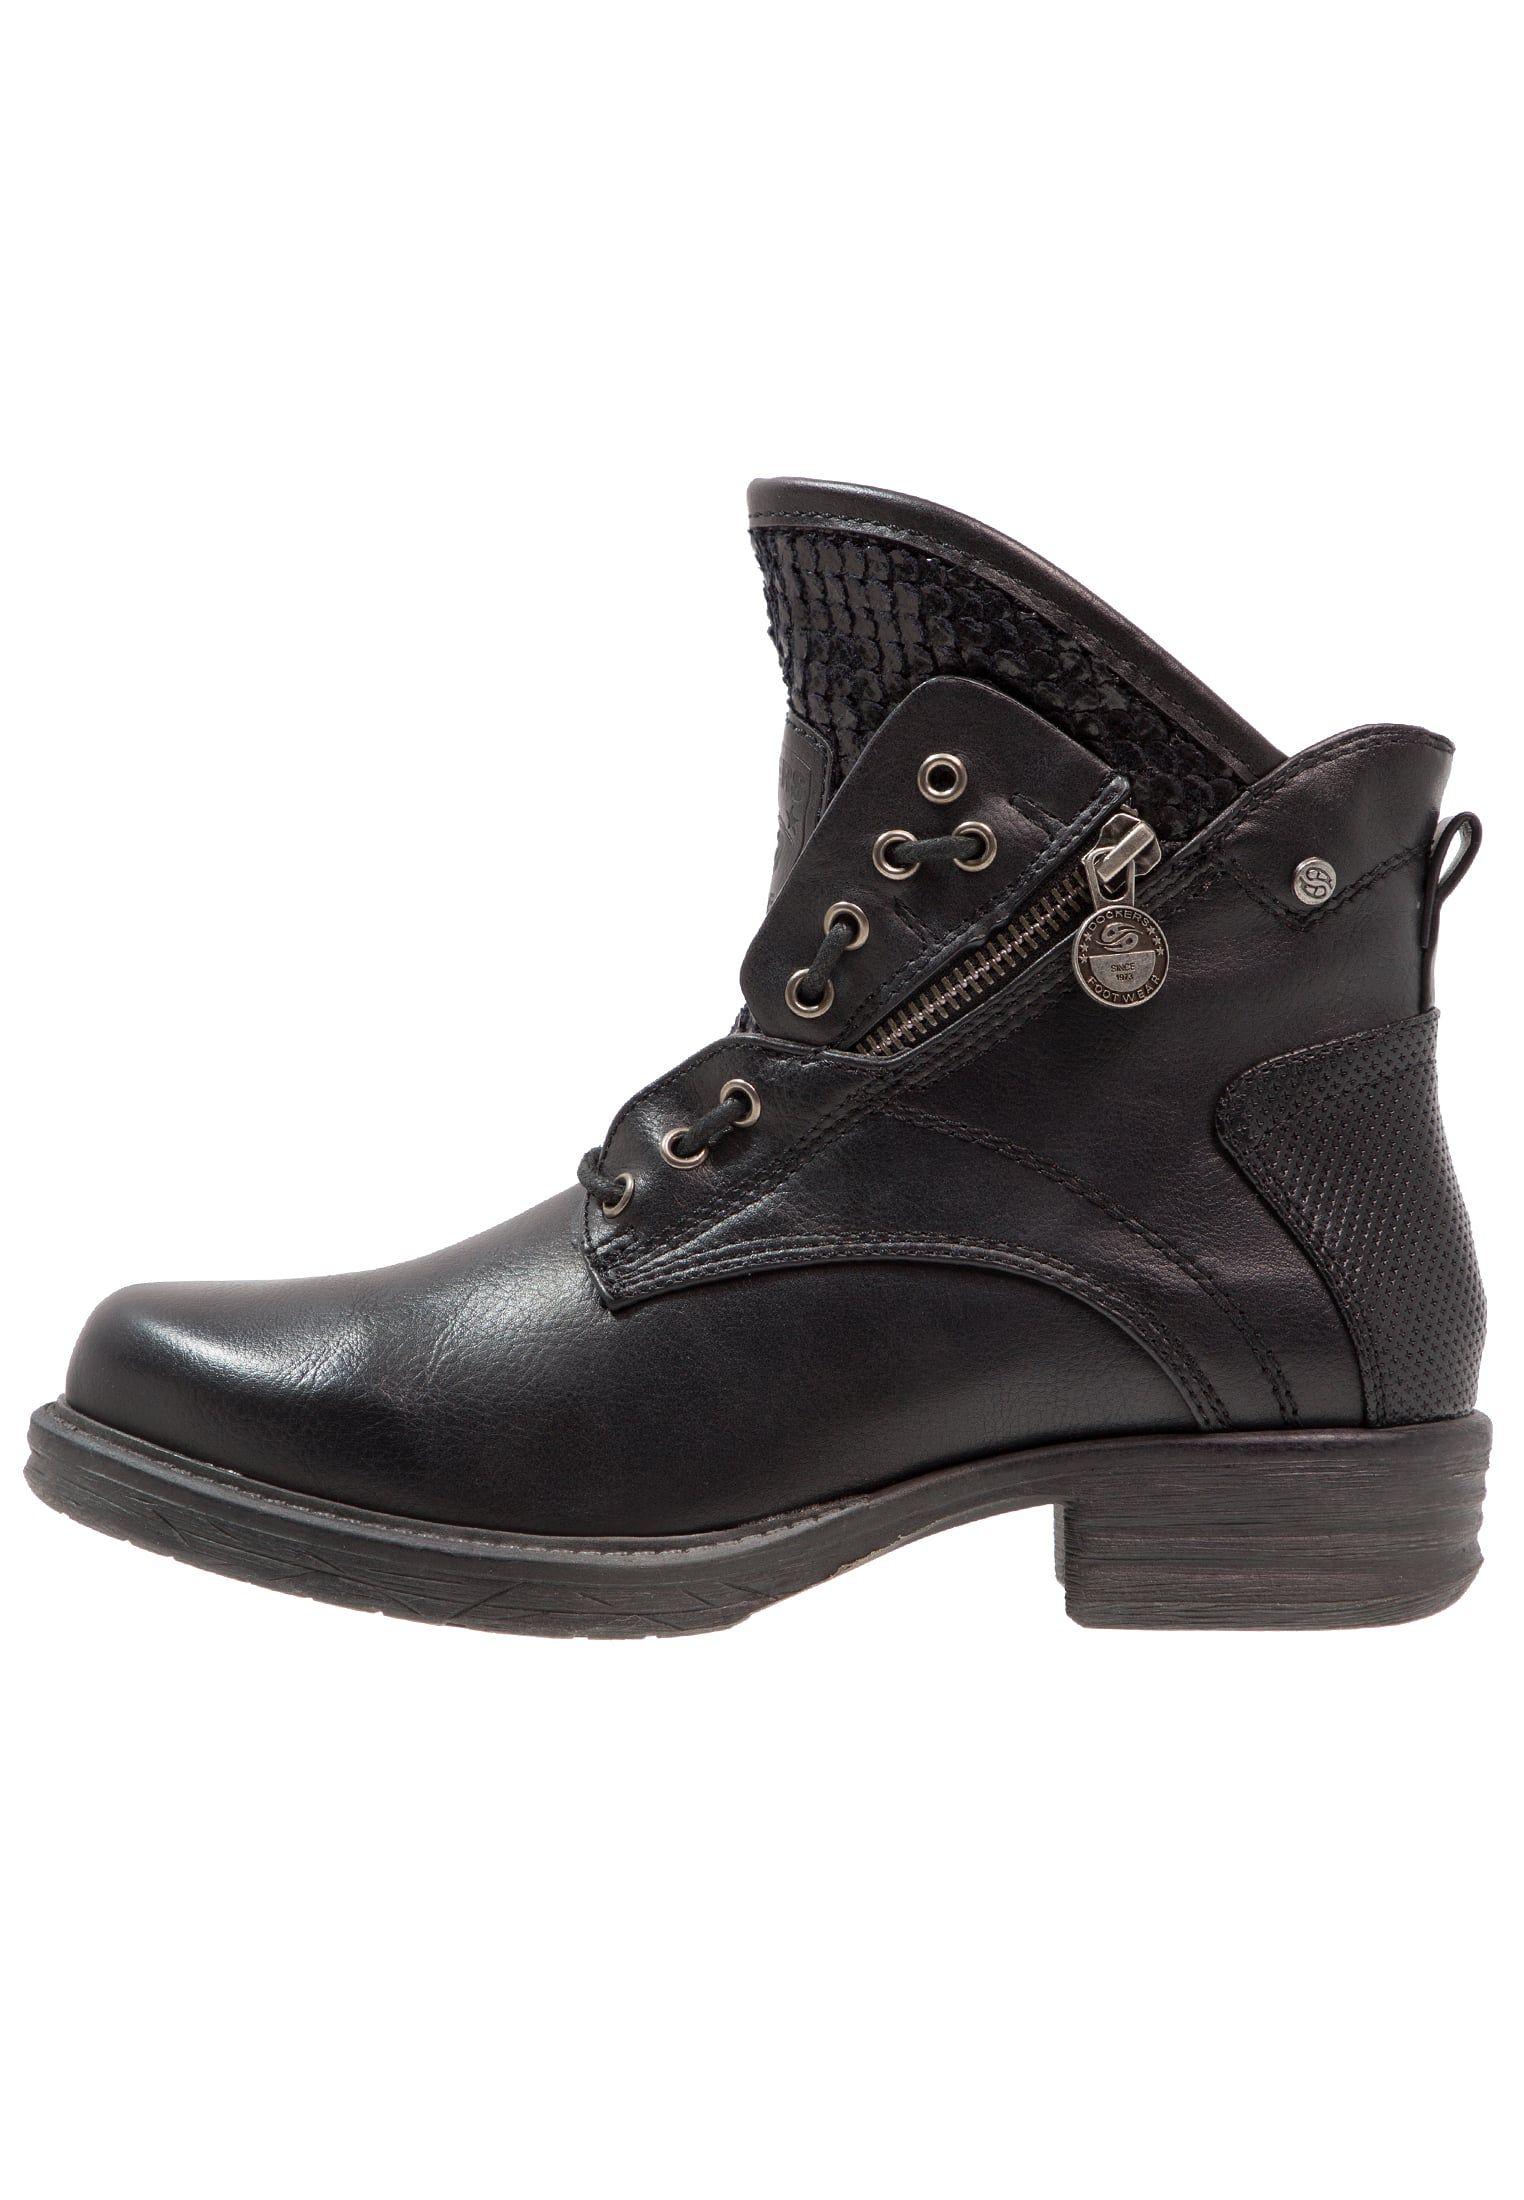 Dockers By Gerli Botki Kowbojki I Motocyklowe Schwarz Zalando Pl Boots Biker Boot Shoes